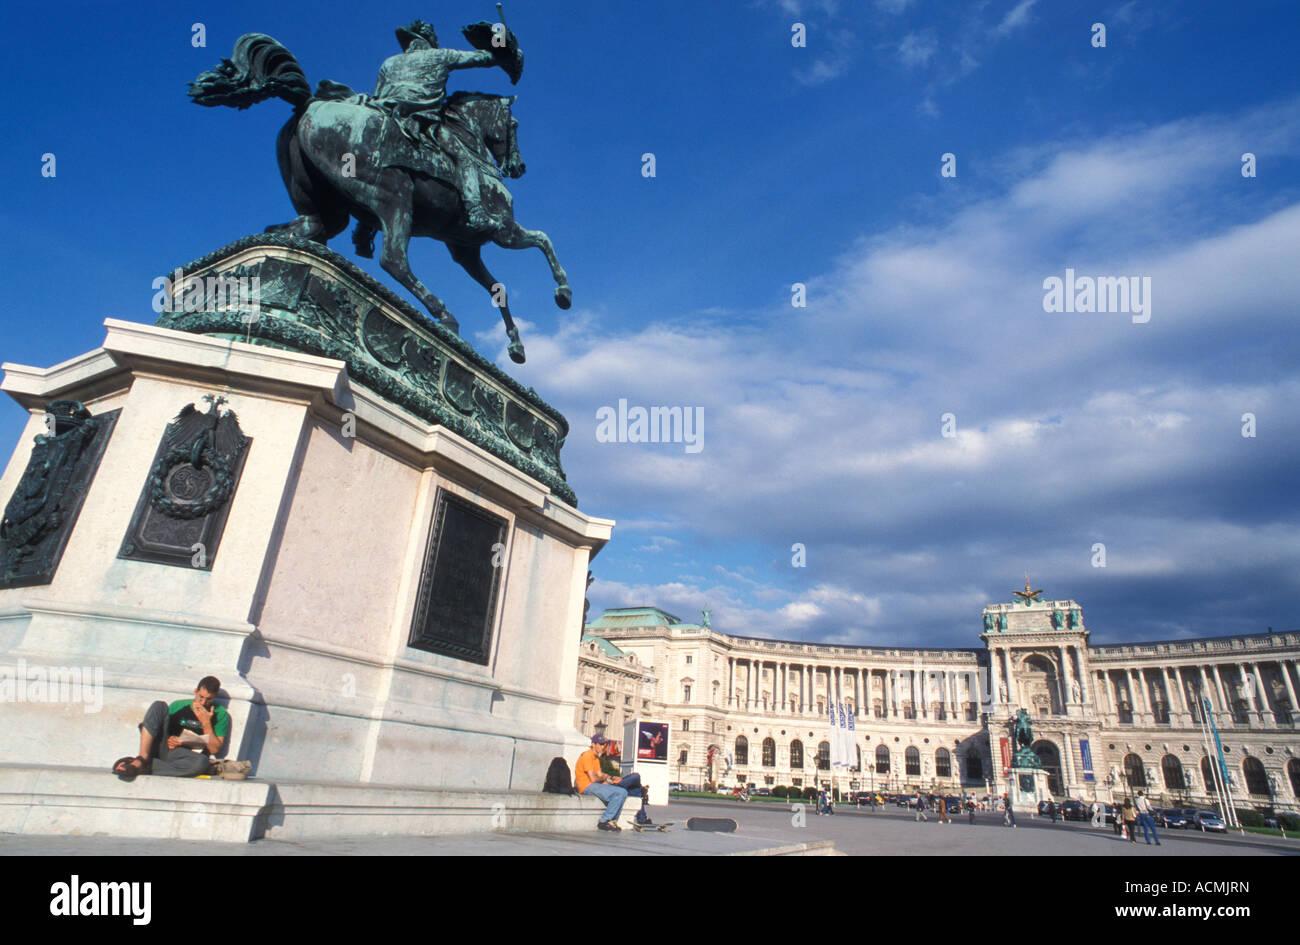 Equestrian statue of Erzherzog Karl at Heldenplatz place in front of Neue Hofburg building in Vienna Austria - Stock Image